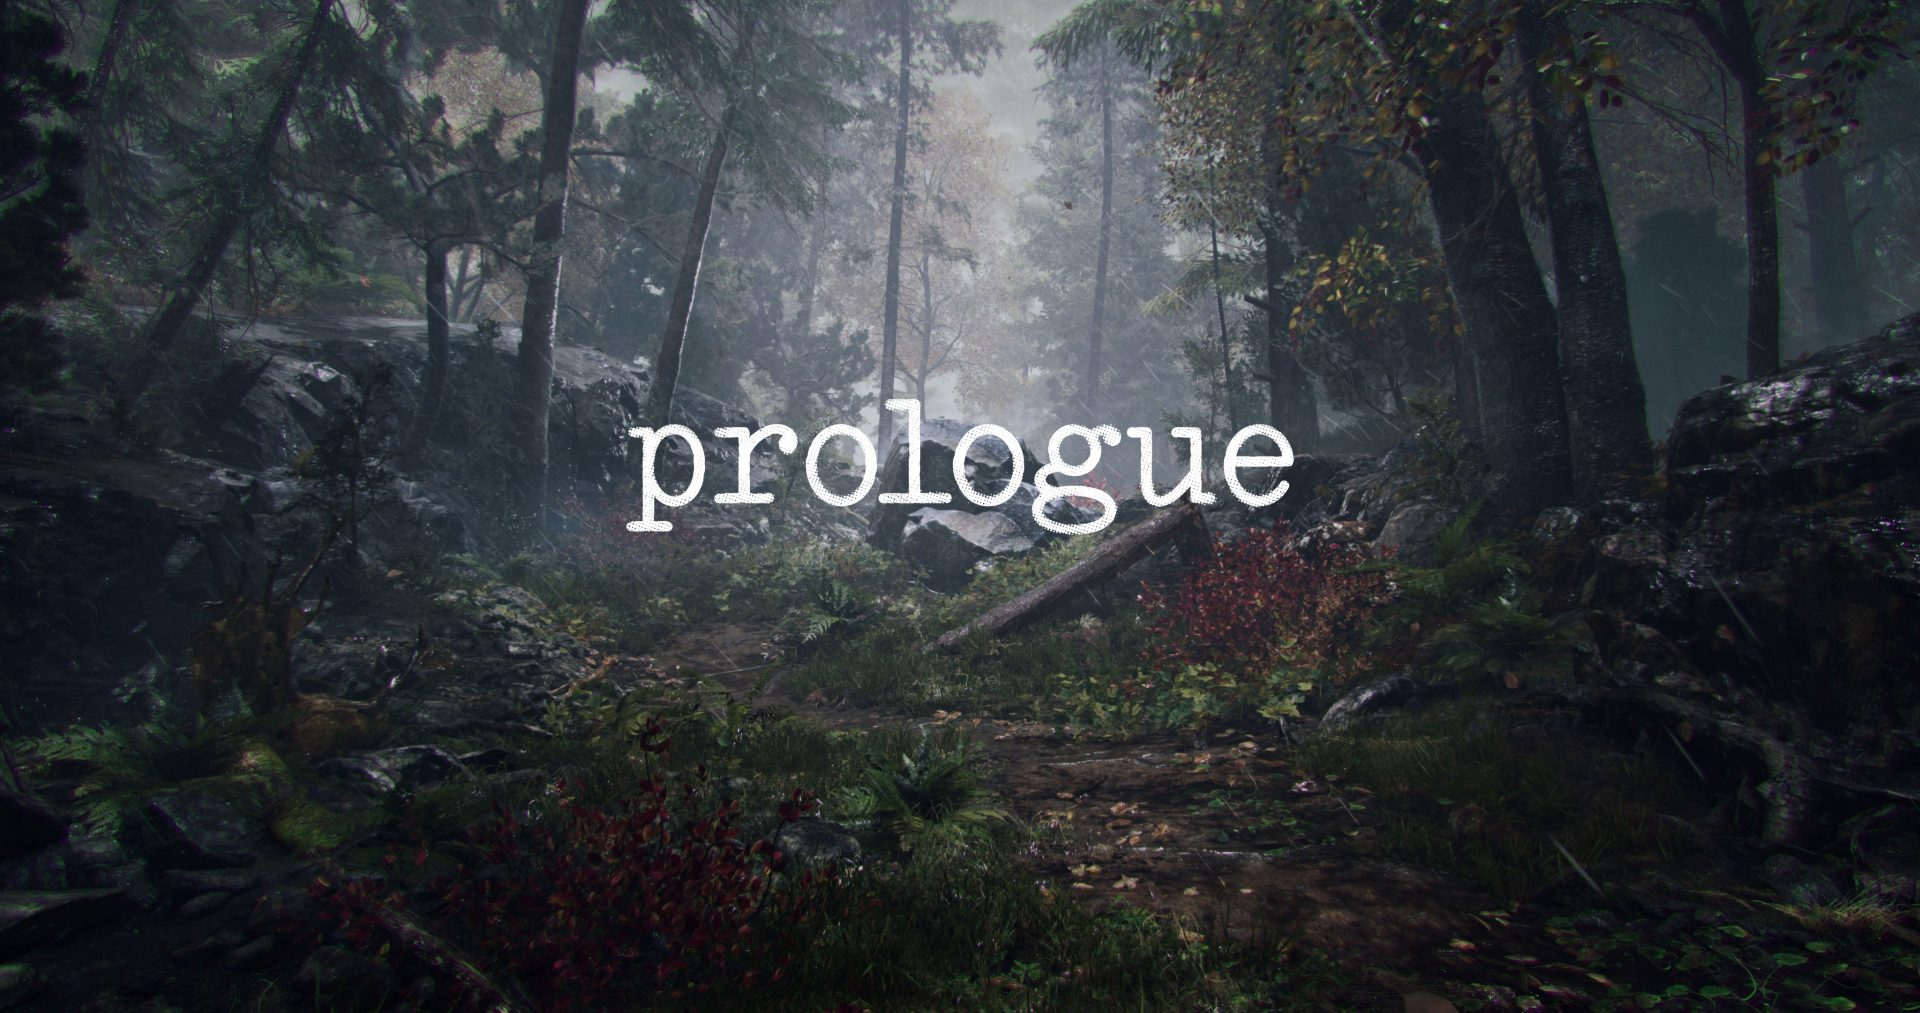 Artemis Prologue